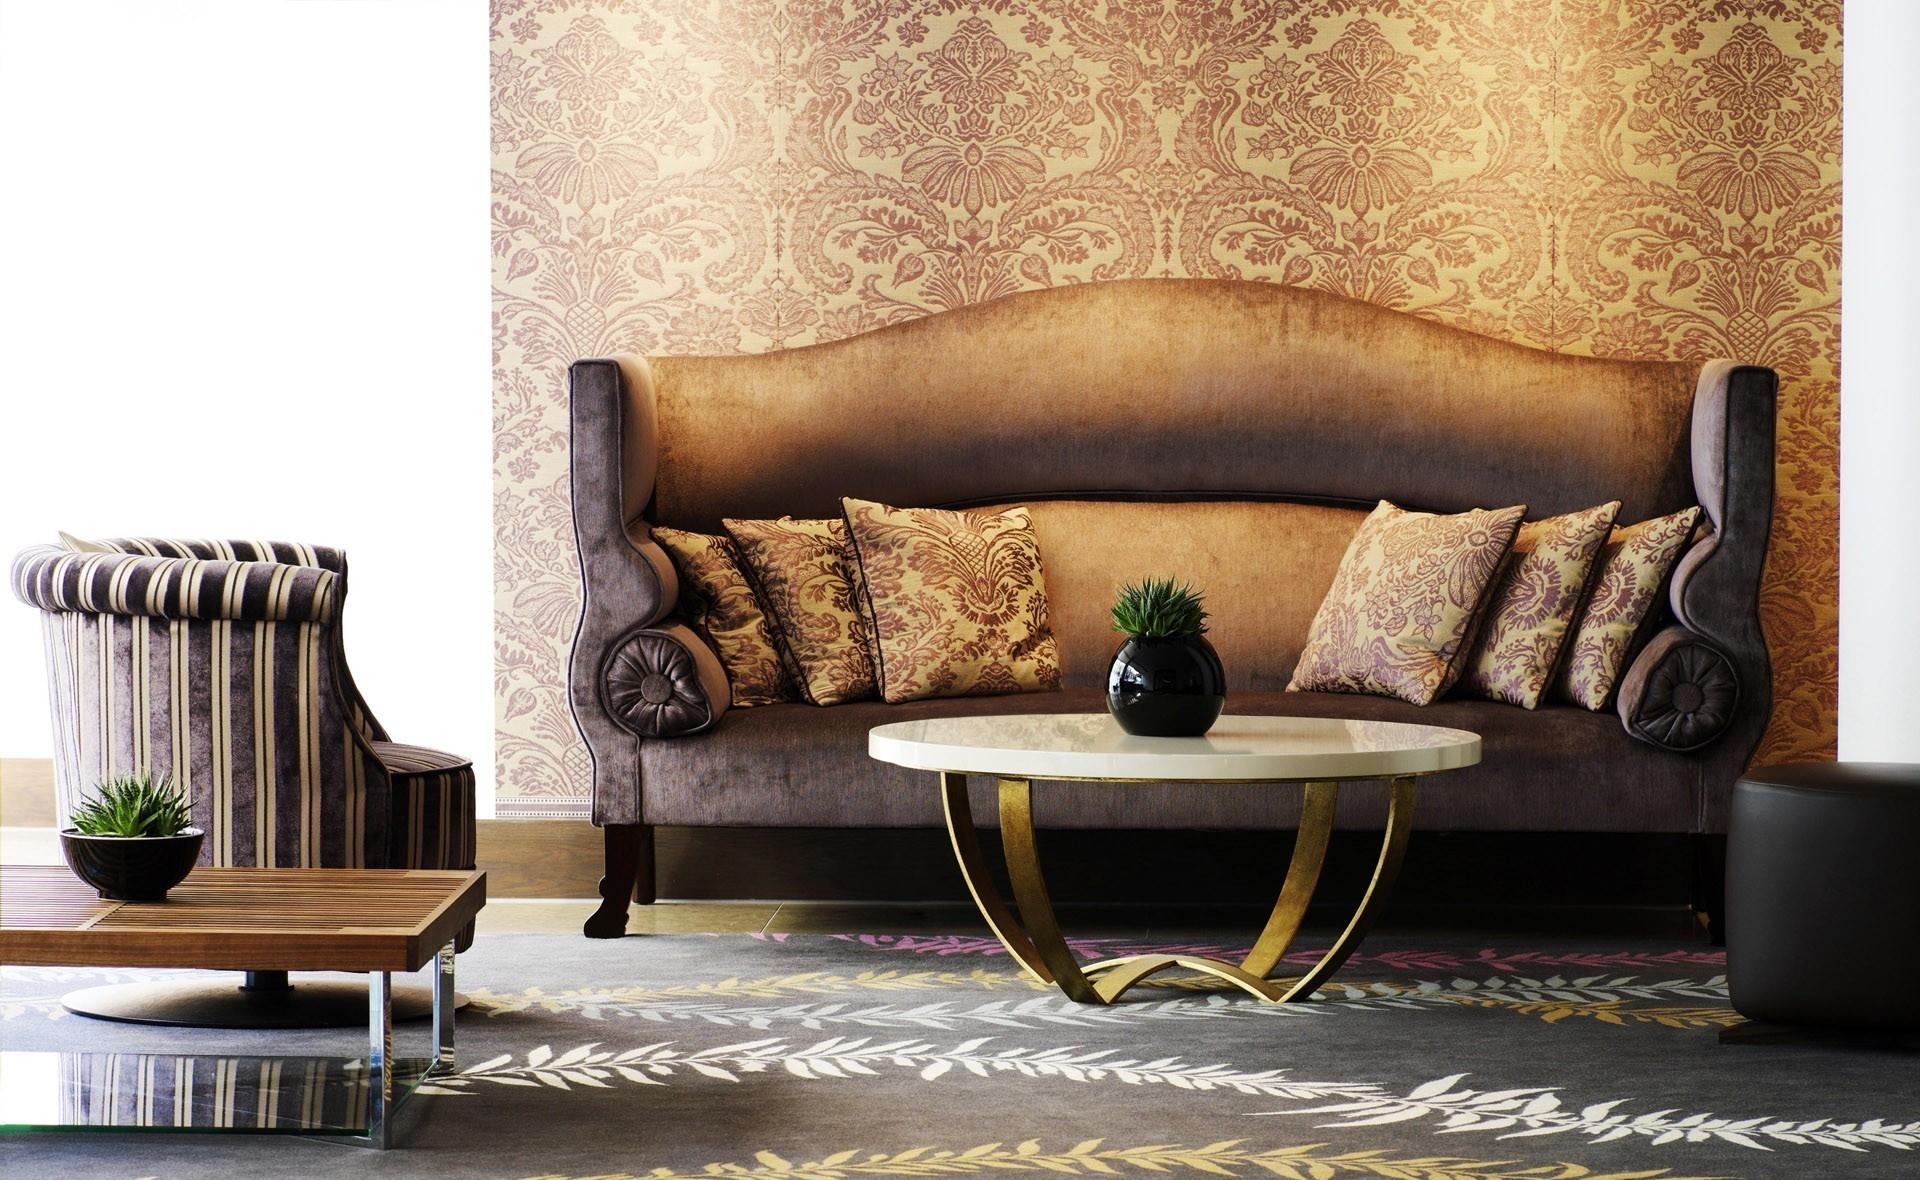 Baggrunde : værelse, interiør, væg, tabel, stol, Brun, mønster ...